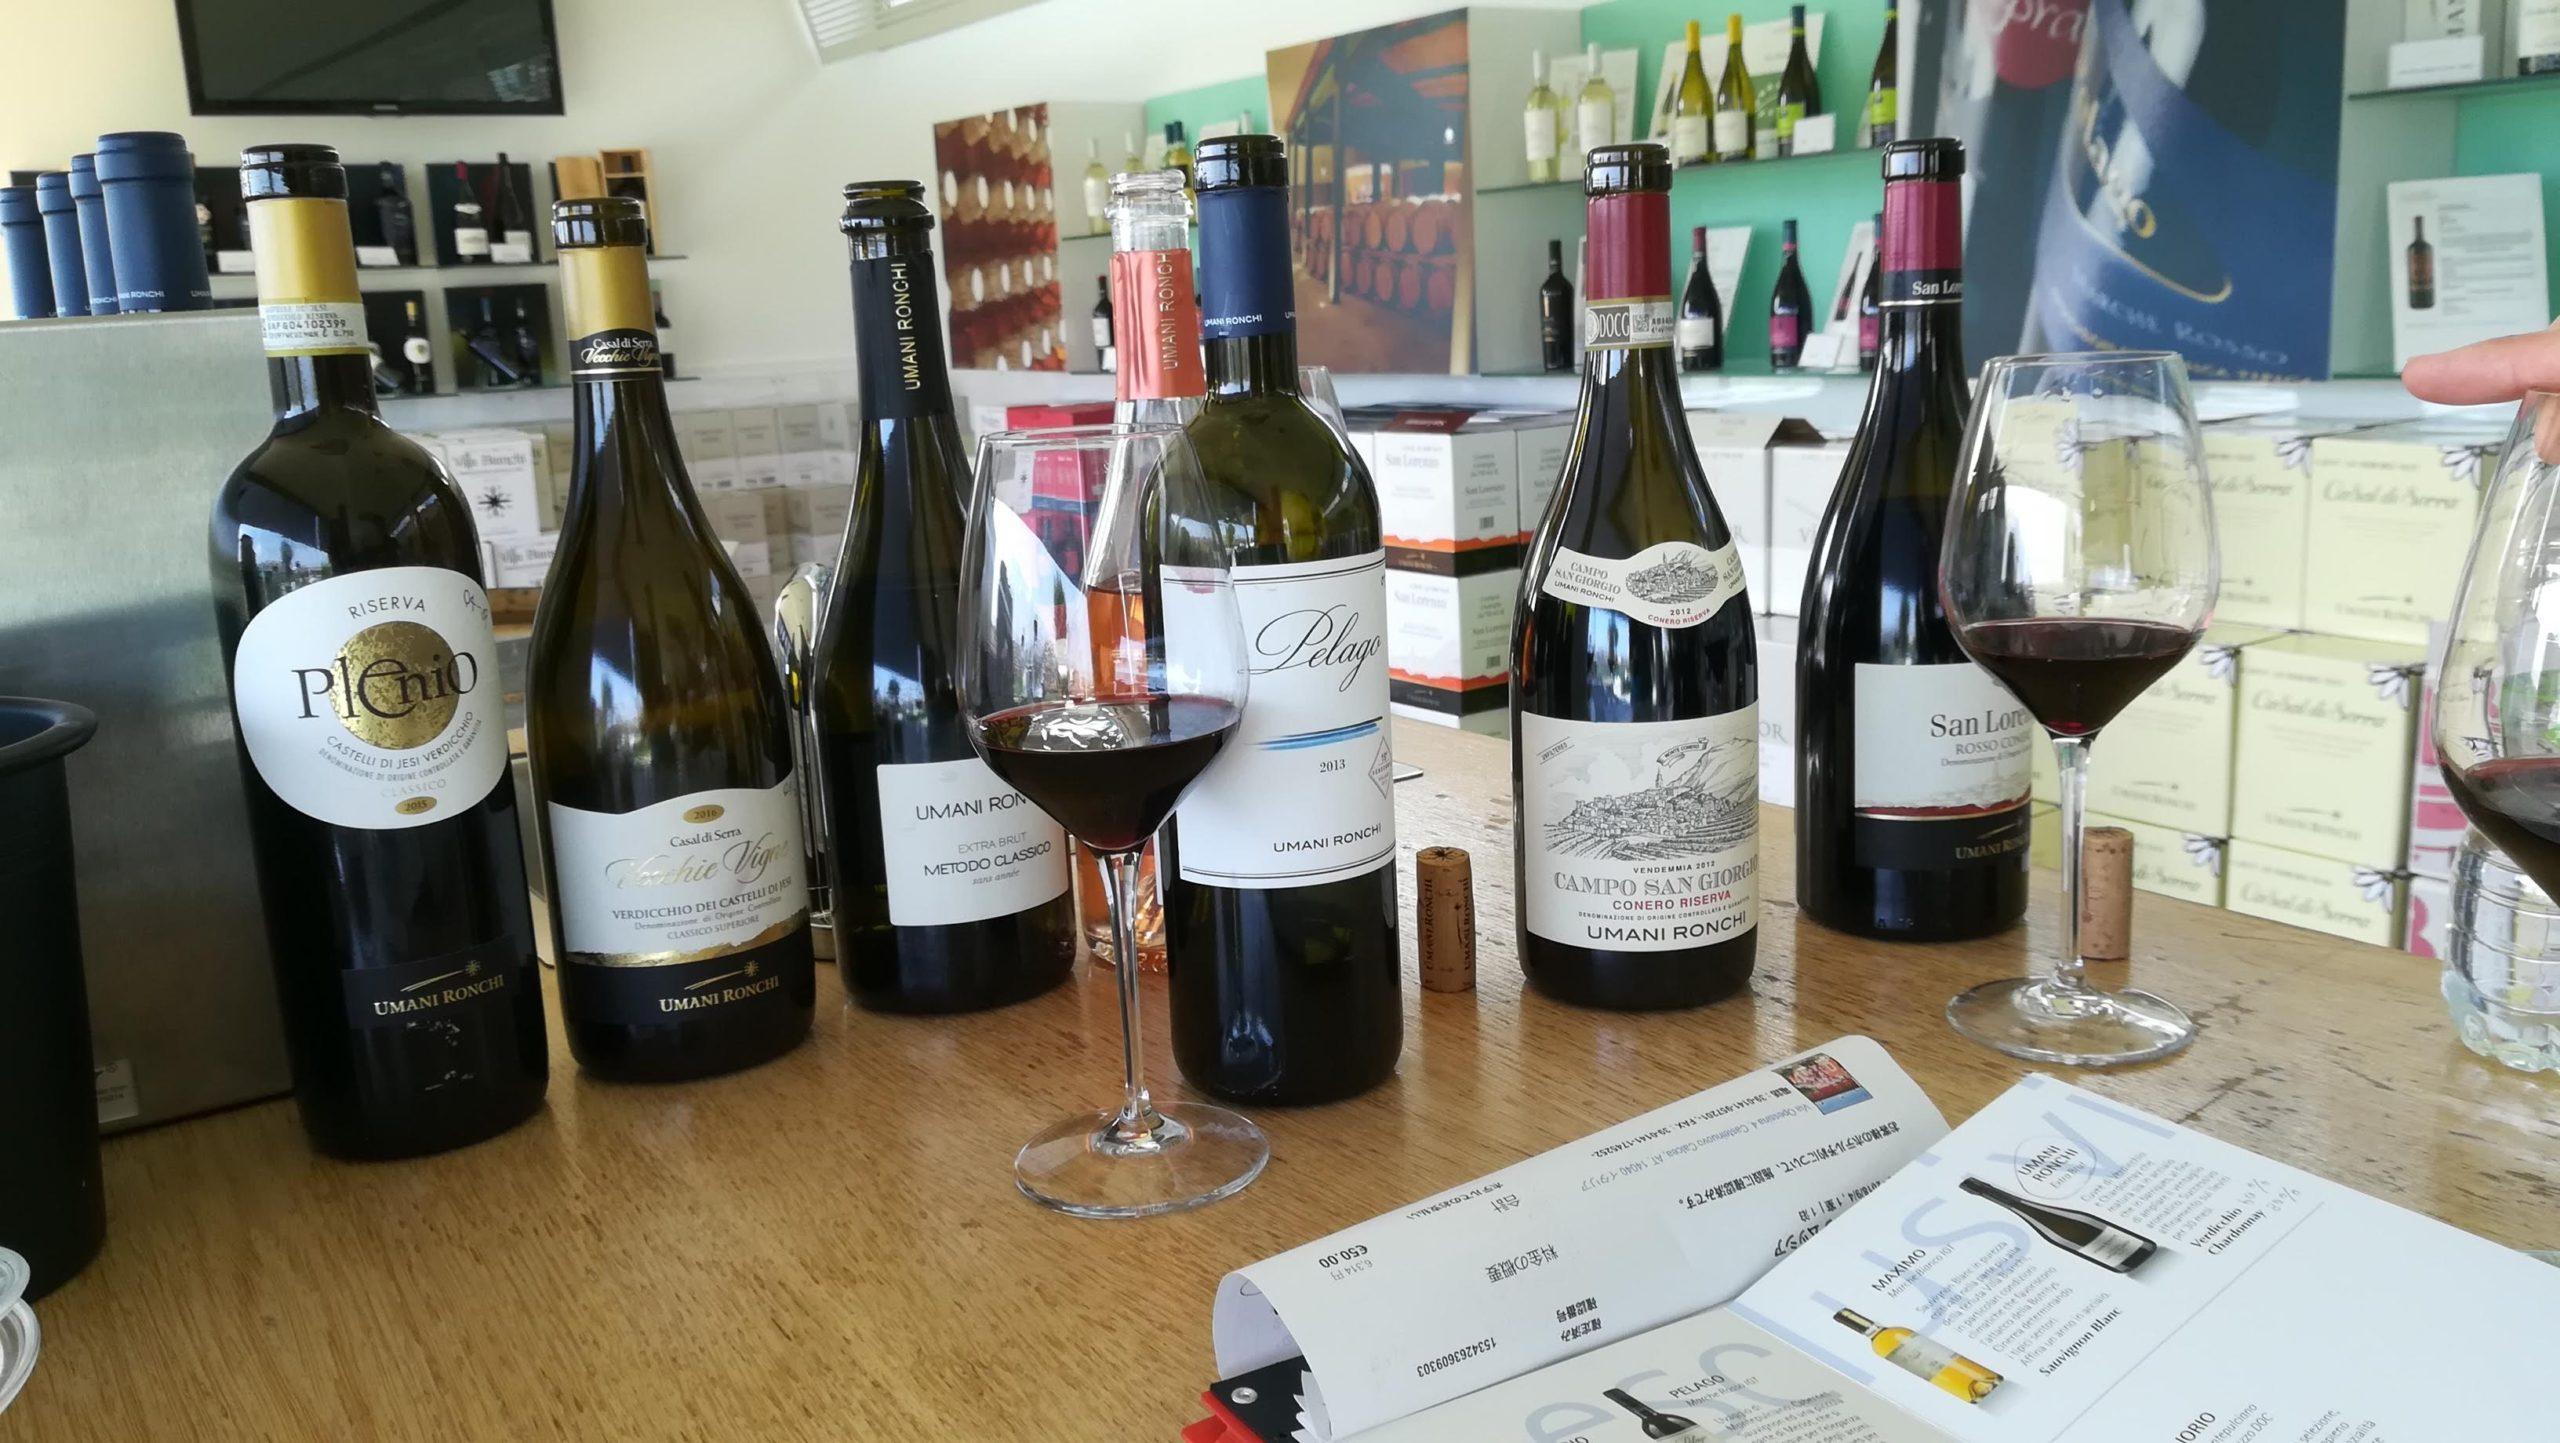 Sorseggiare vino è un toccasana per allenare il cervello  ワイン一口は脳運動の特効薬